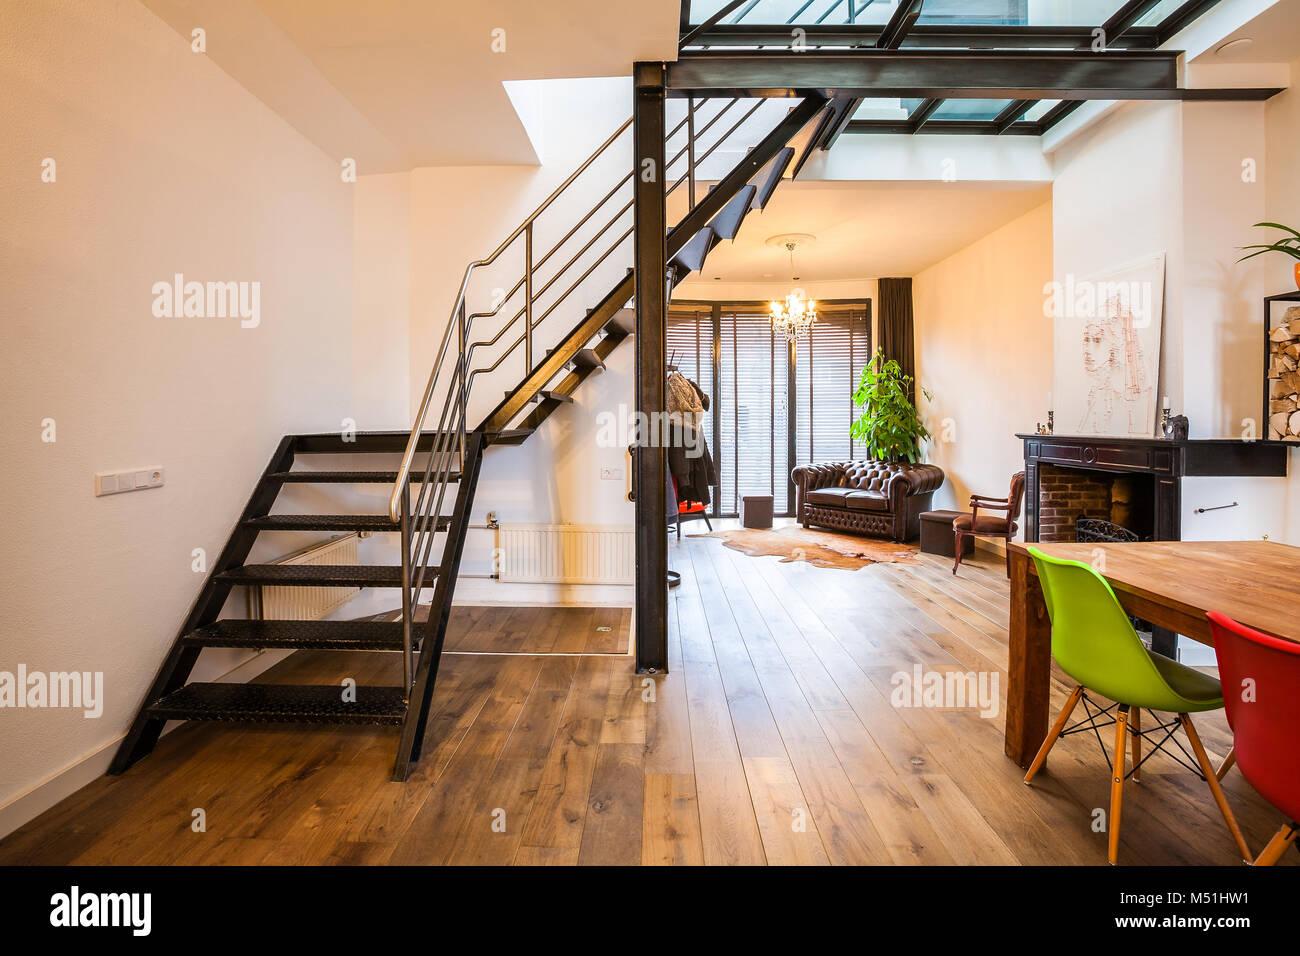 Ein Industrie Stil Stahl Treppe In Ein Glas Stock In Einem Modernen  Designer Wohnzimmer.